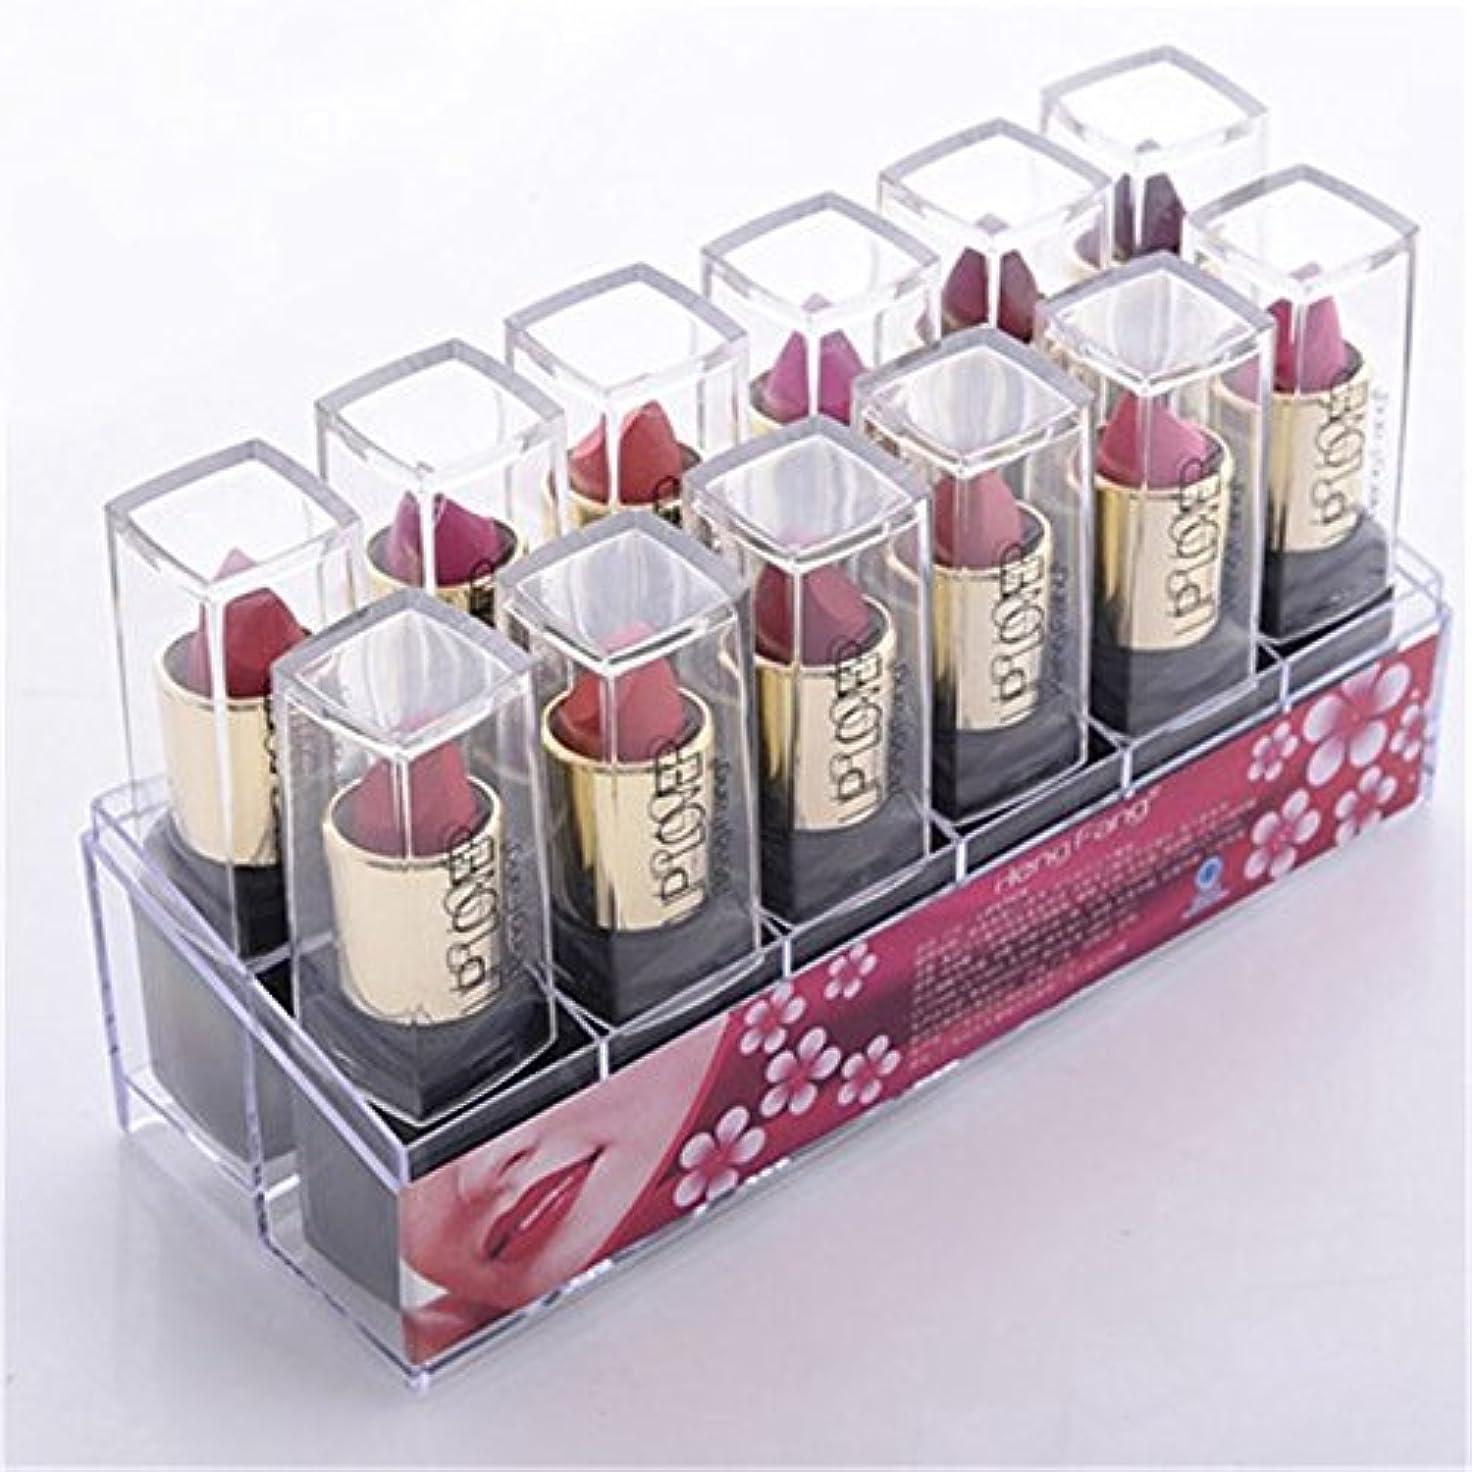 セブン摘む異常な2017 New 12pcs/set Lipsticks Sex Nude Lip Matte Kits Long Lasting Waterproof Pigment Matte Makeup Lipstick Set...